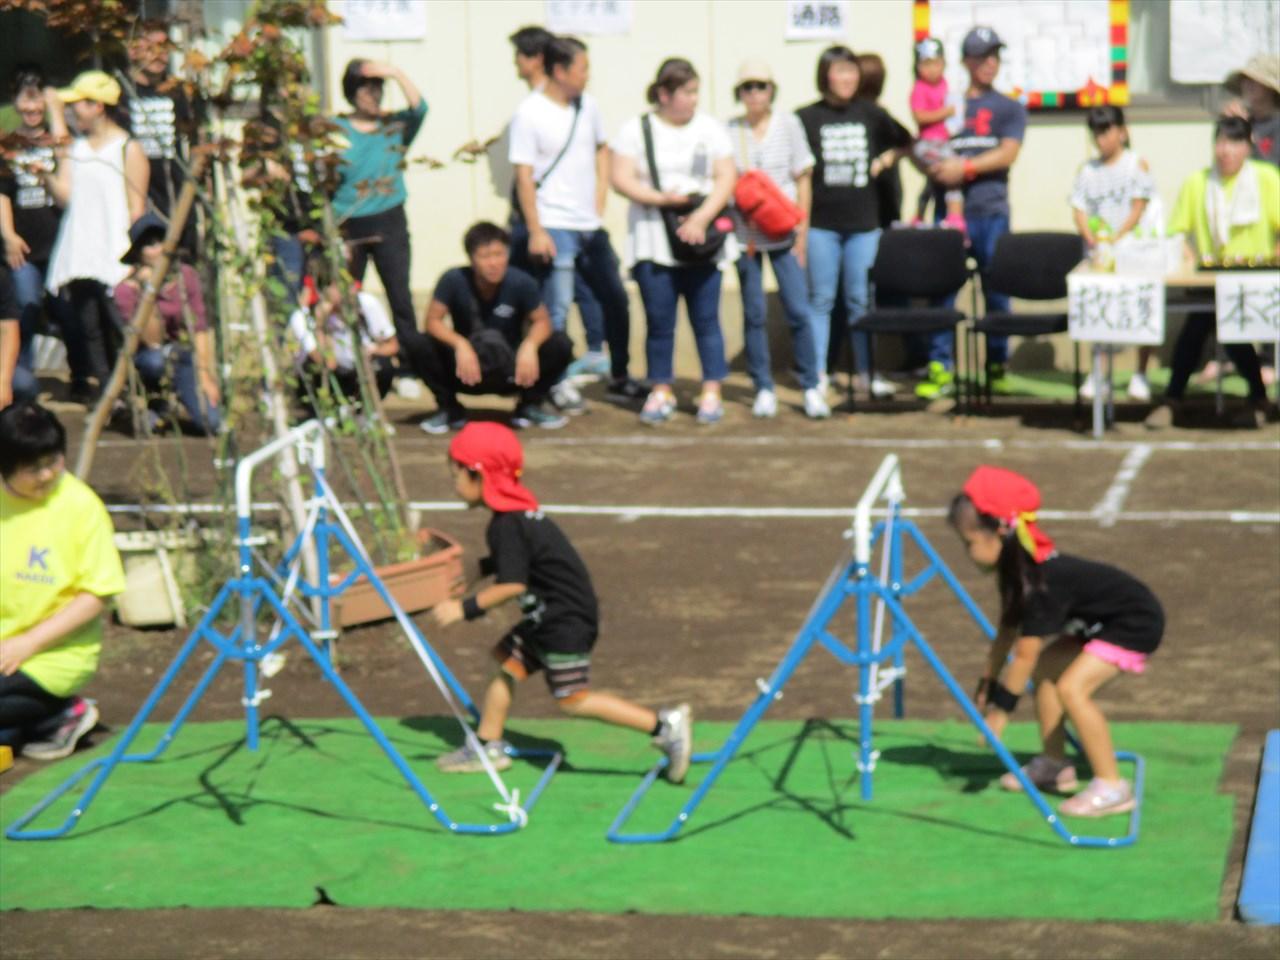 今年の運動会のテーマは『忍者』。競技中にも忍者のポーズをする場面もありました。